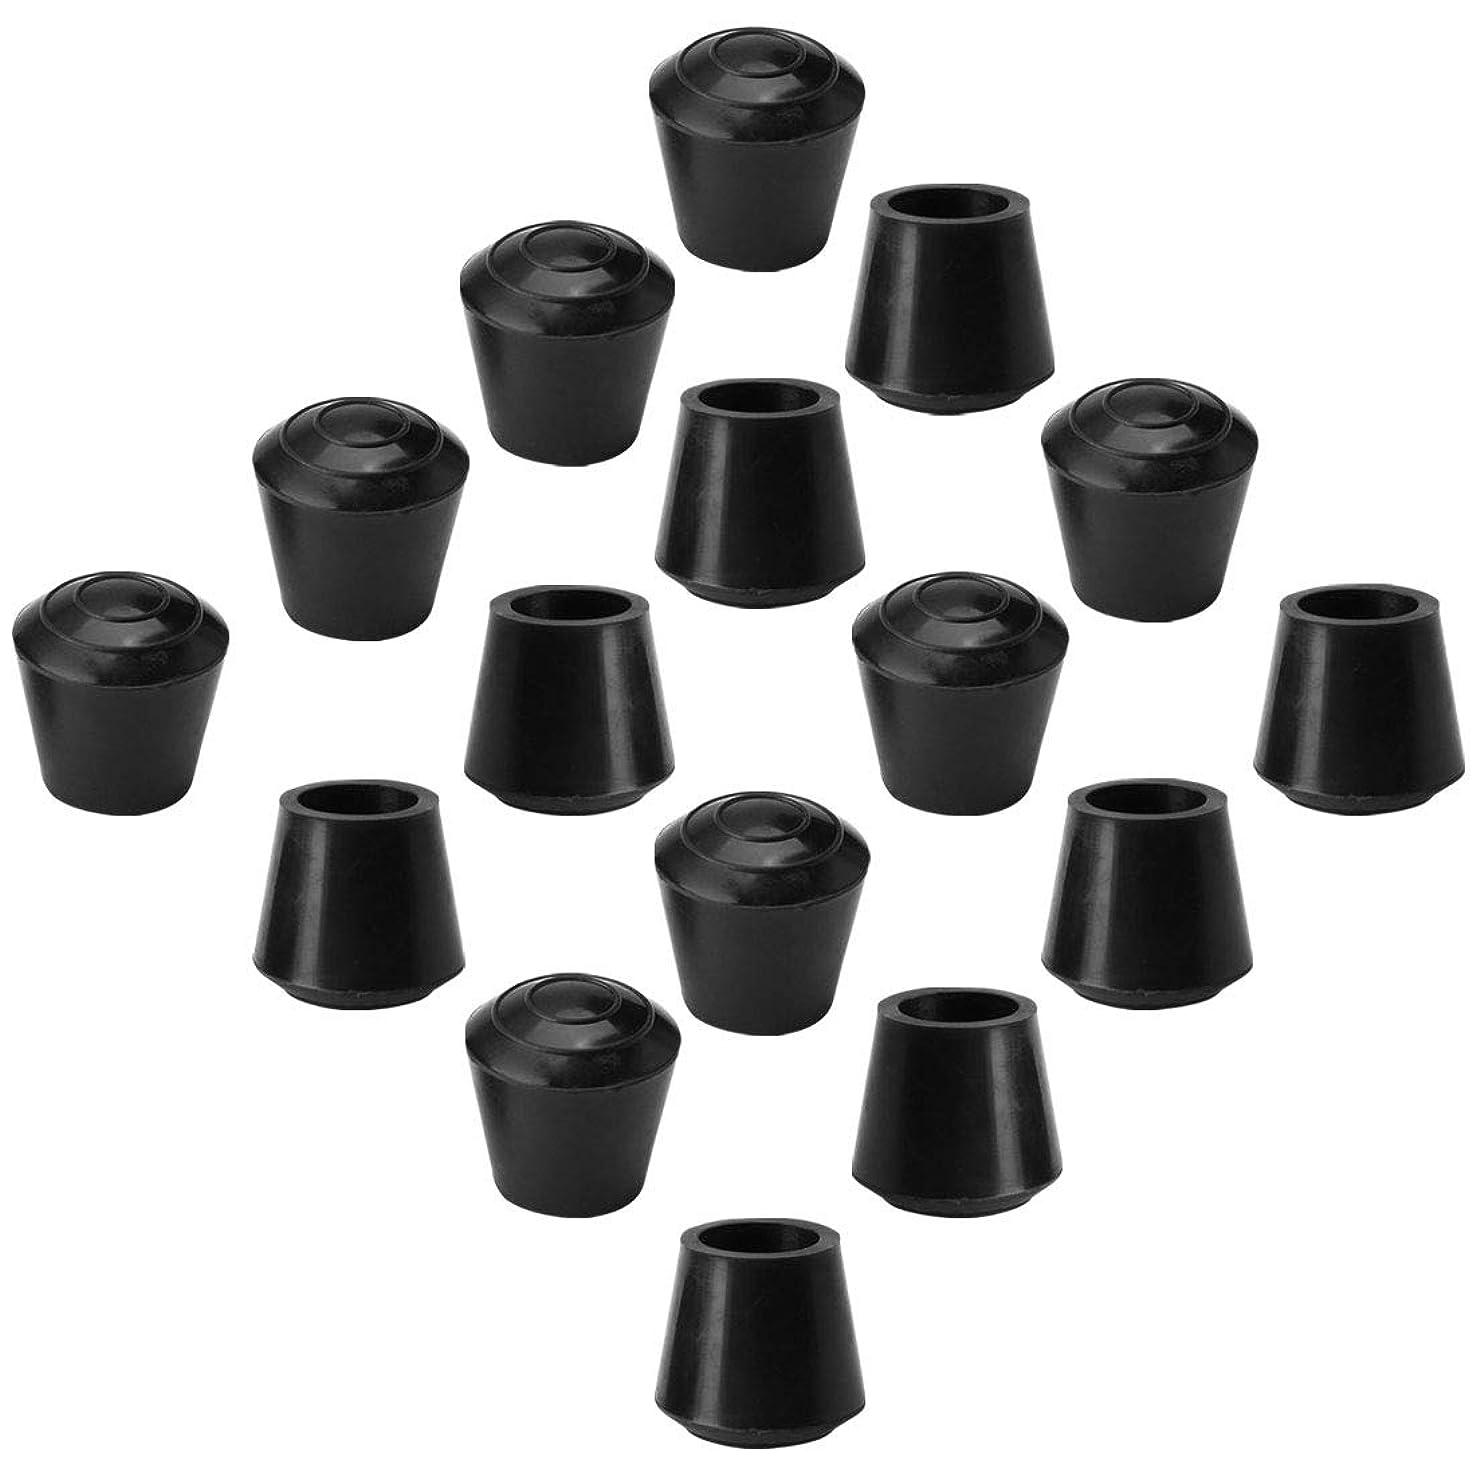 ゲスト樫の木コインランドリーuxcell レッグキャップ ゴム レッグキャップ チップ カップ フィートカバー 14m 内径 16個 具用 テーブル